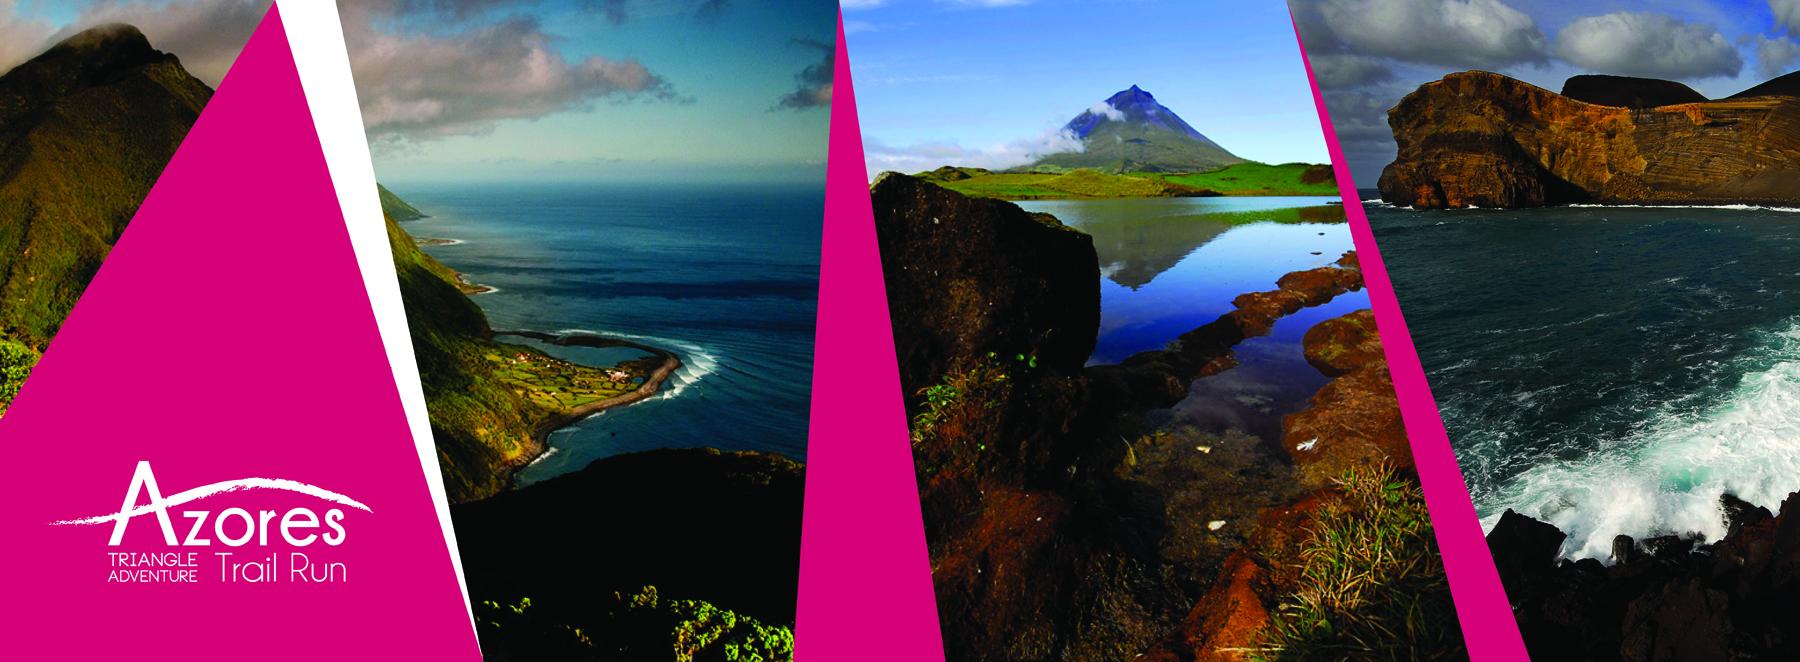 Azores Trail Run- Triangle Adventure realiza-se a 7, 8 e 9 de outubro com passagem por S.Jorge, pelo Trail das Fajãs, no dia 8 (c/áudio)